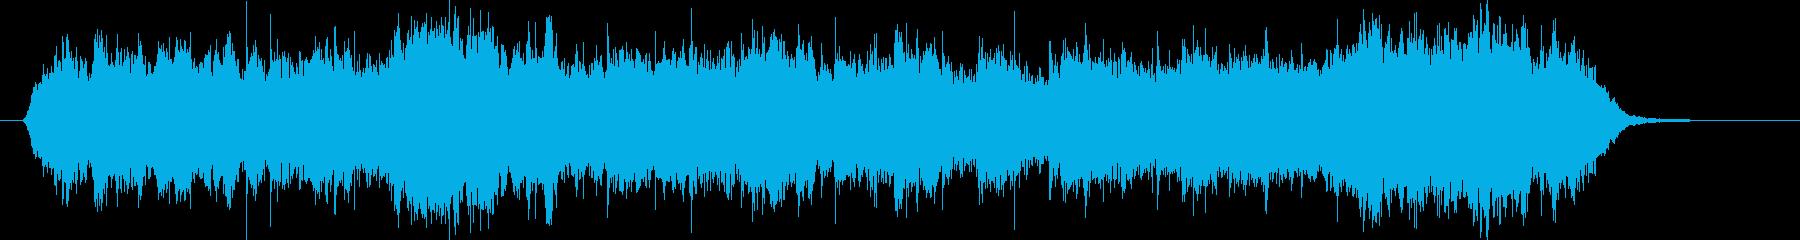 ゆったりとした和風テイストのシンセの曲の再生済みの波形